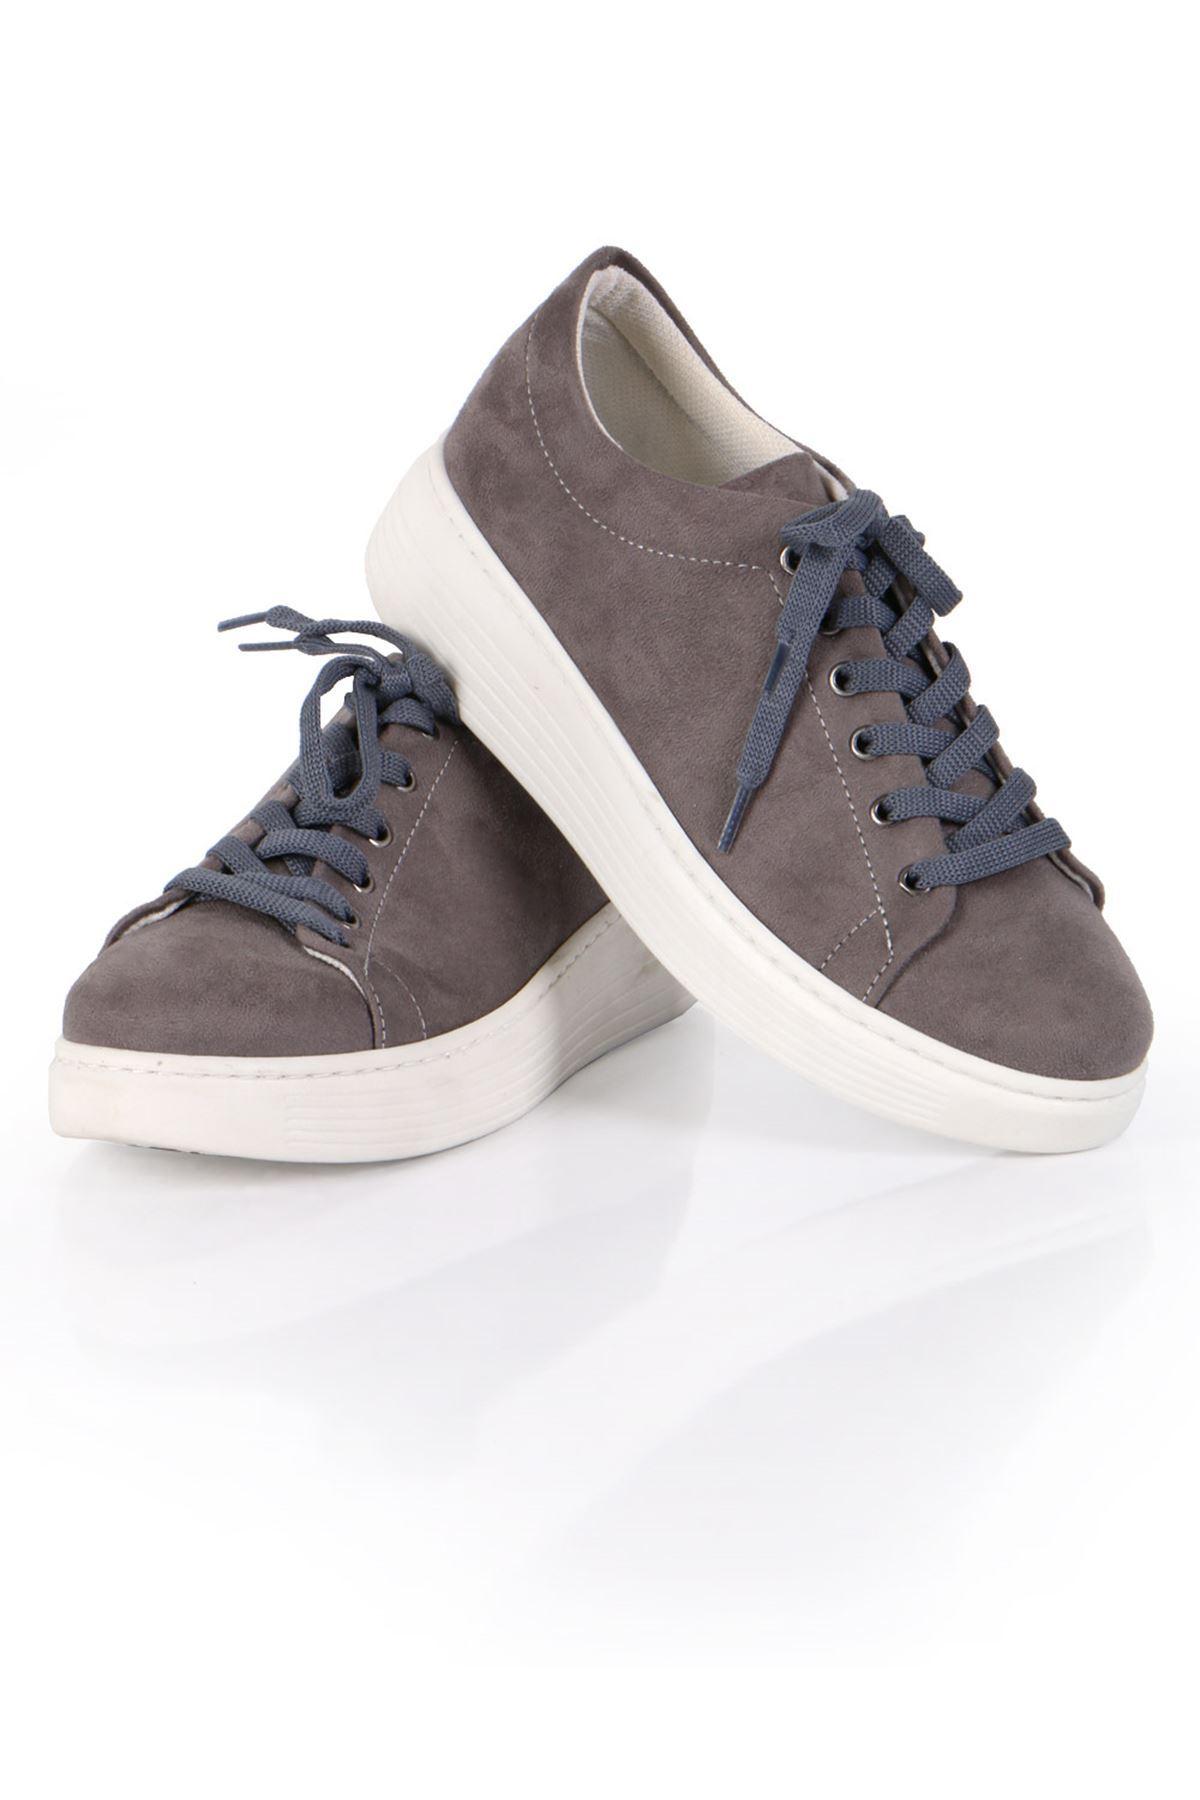 Gri Süet Bağcıklı Spor Sneaker Ayakkabı